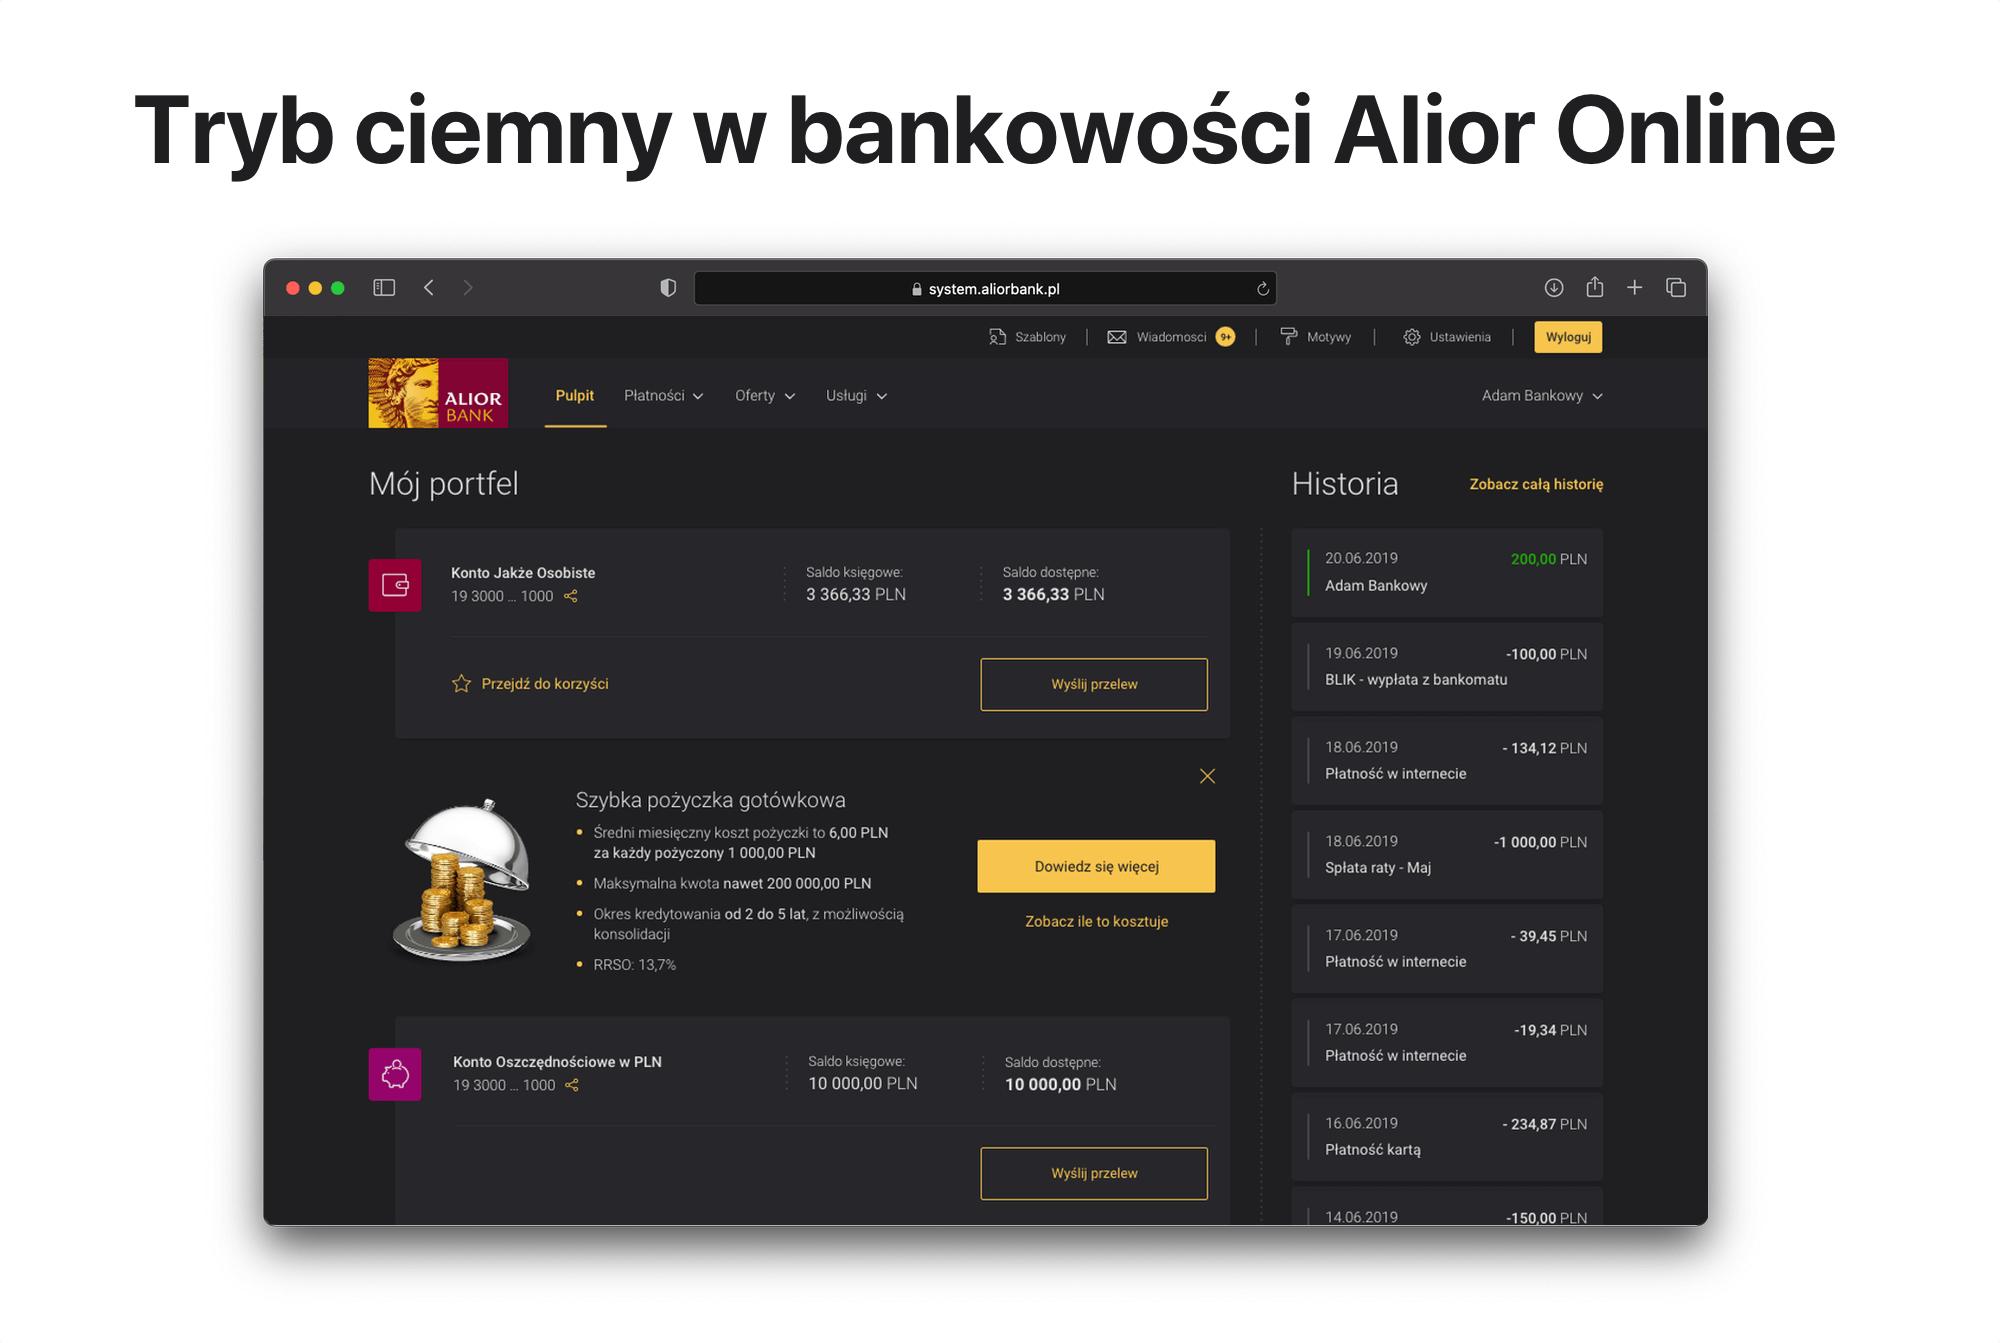 Tryb ciemny (dark mode) w Alior Online